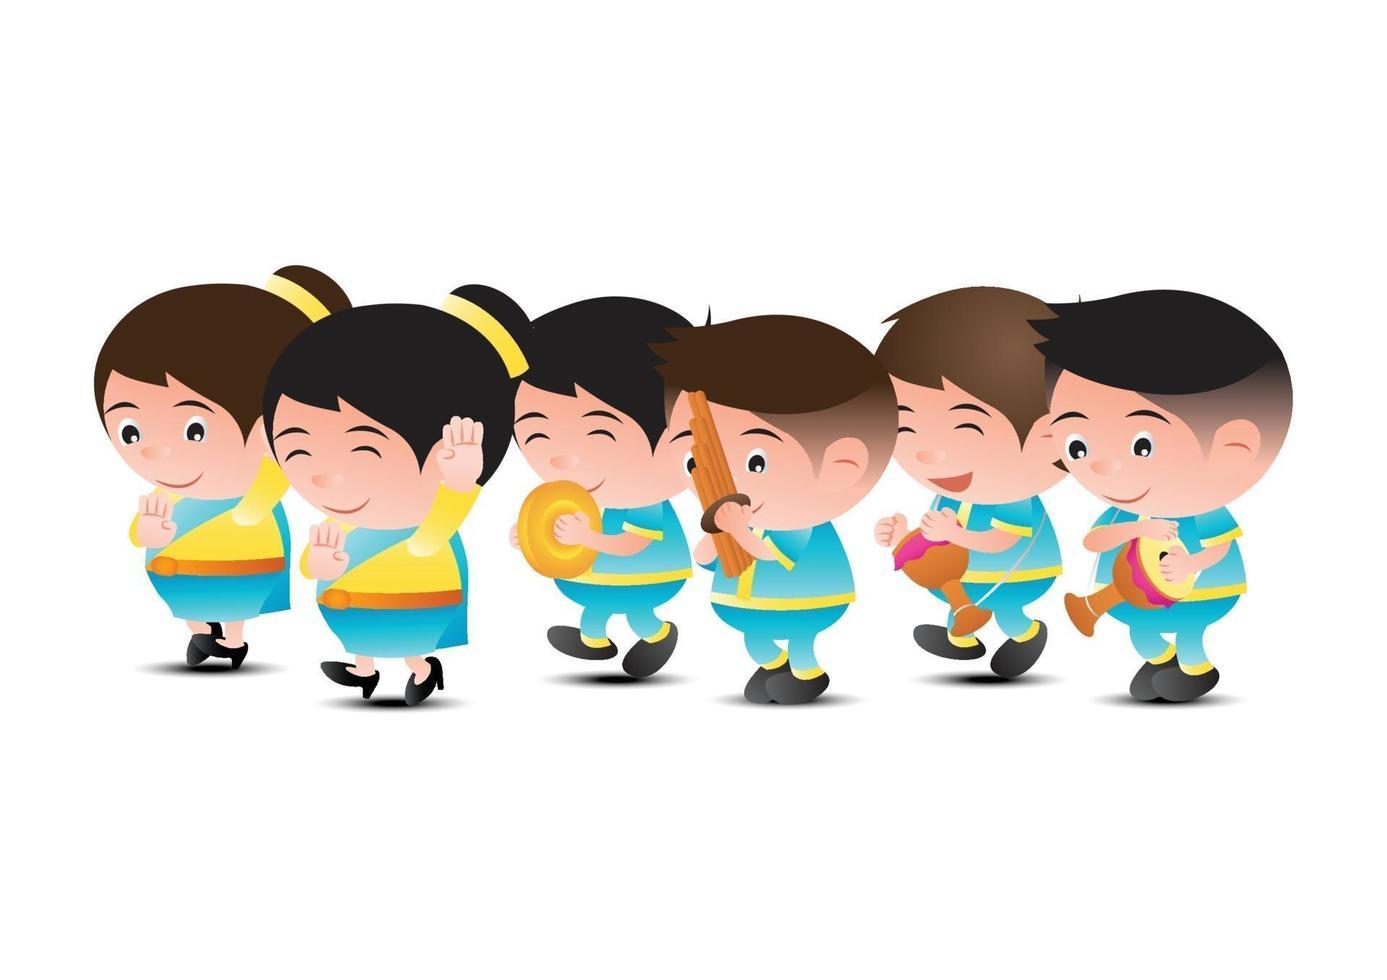 Thaise muziekbanddansers vector